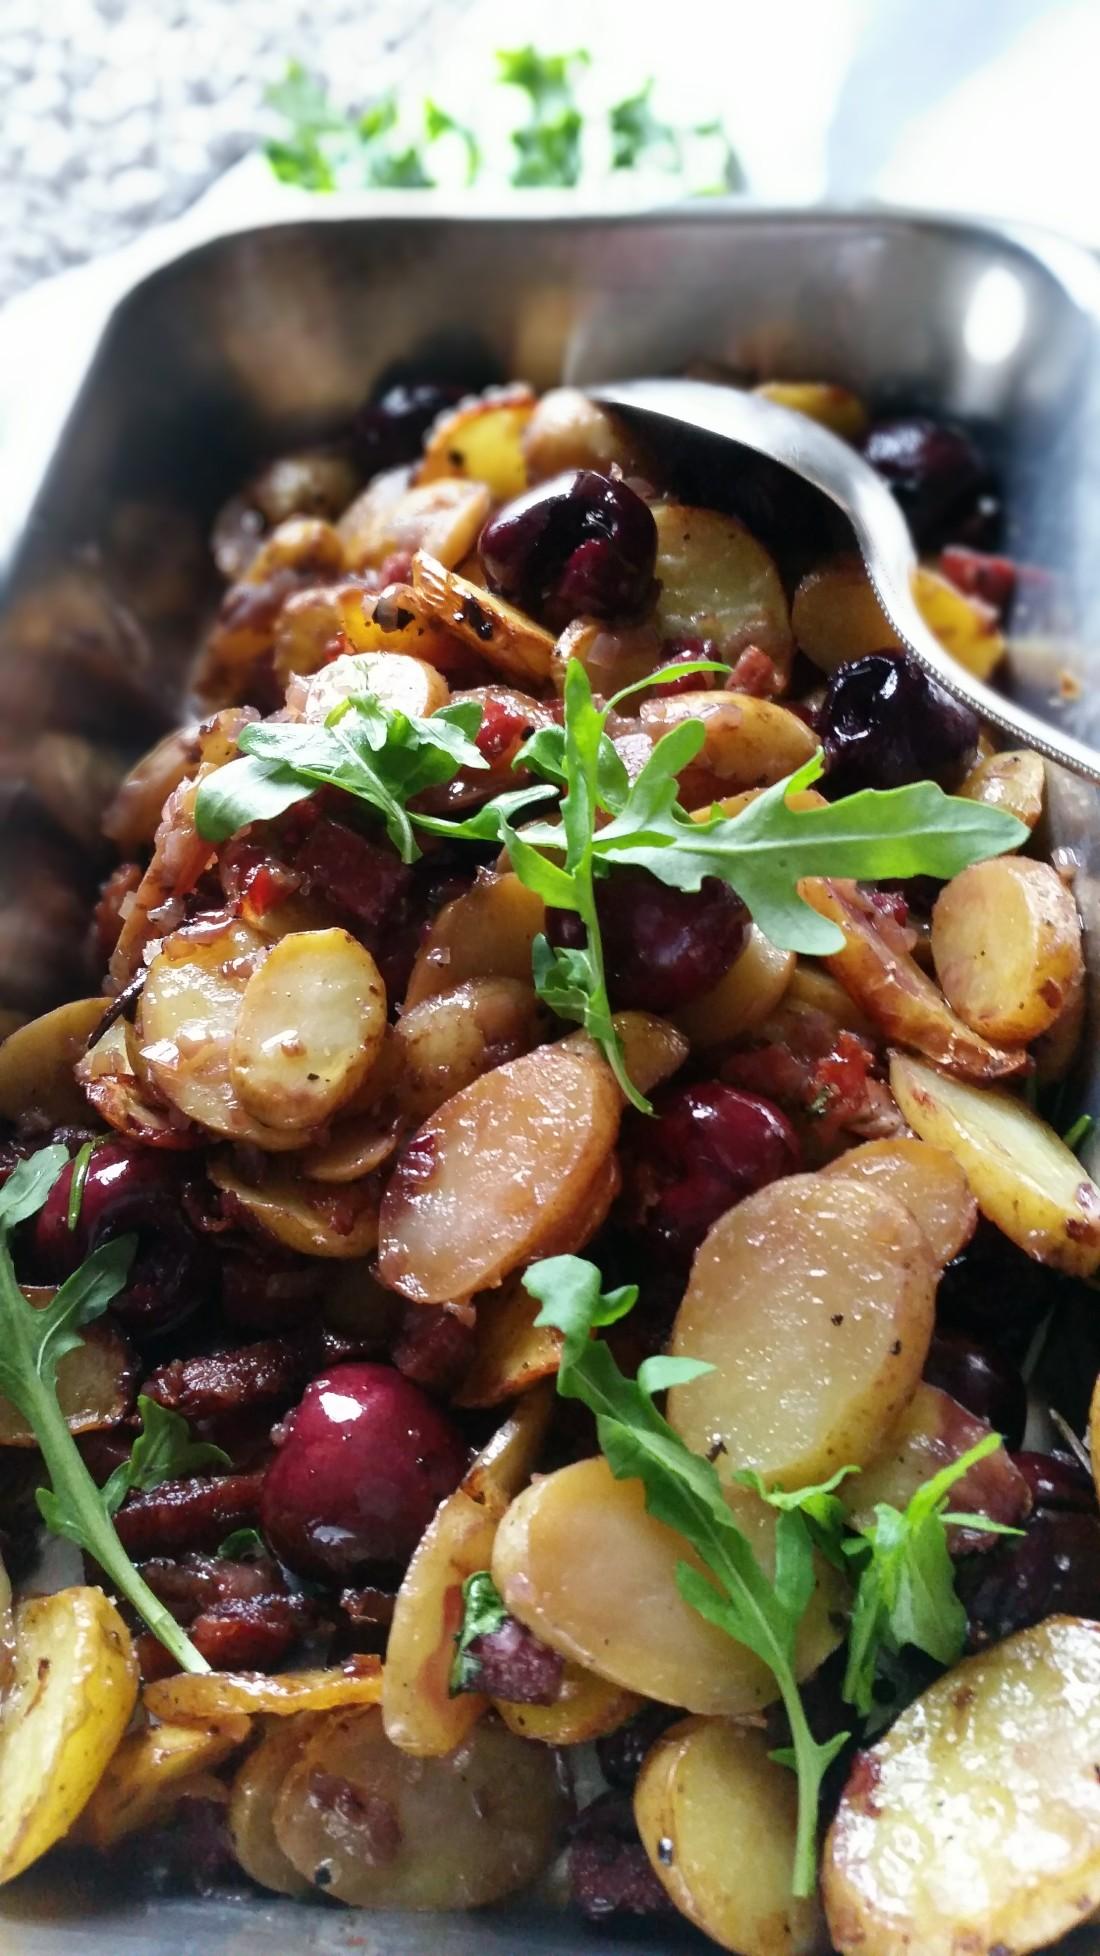 Kartoffelauflauf mit Speck und Kirschen